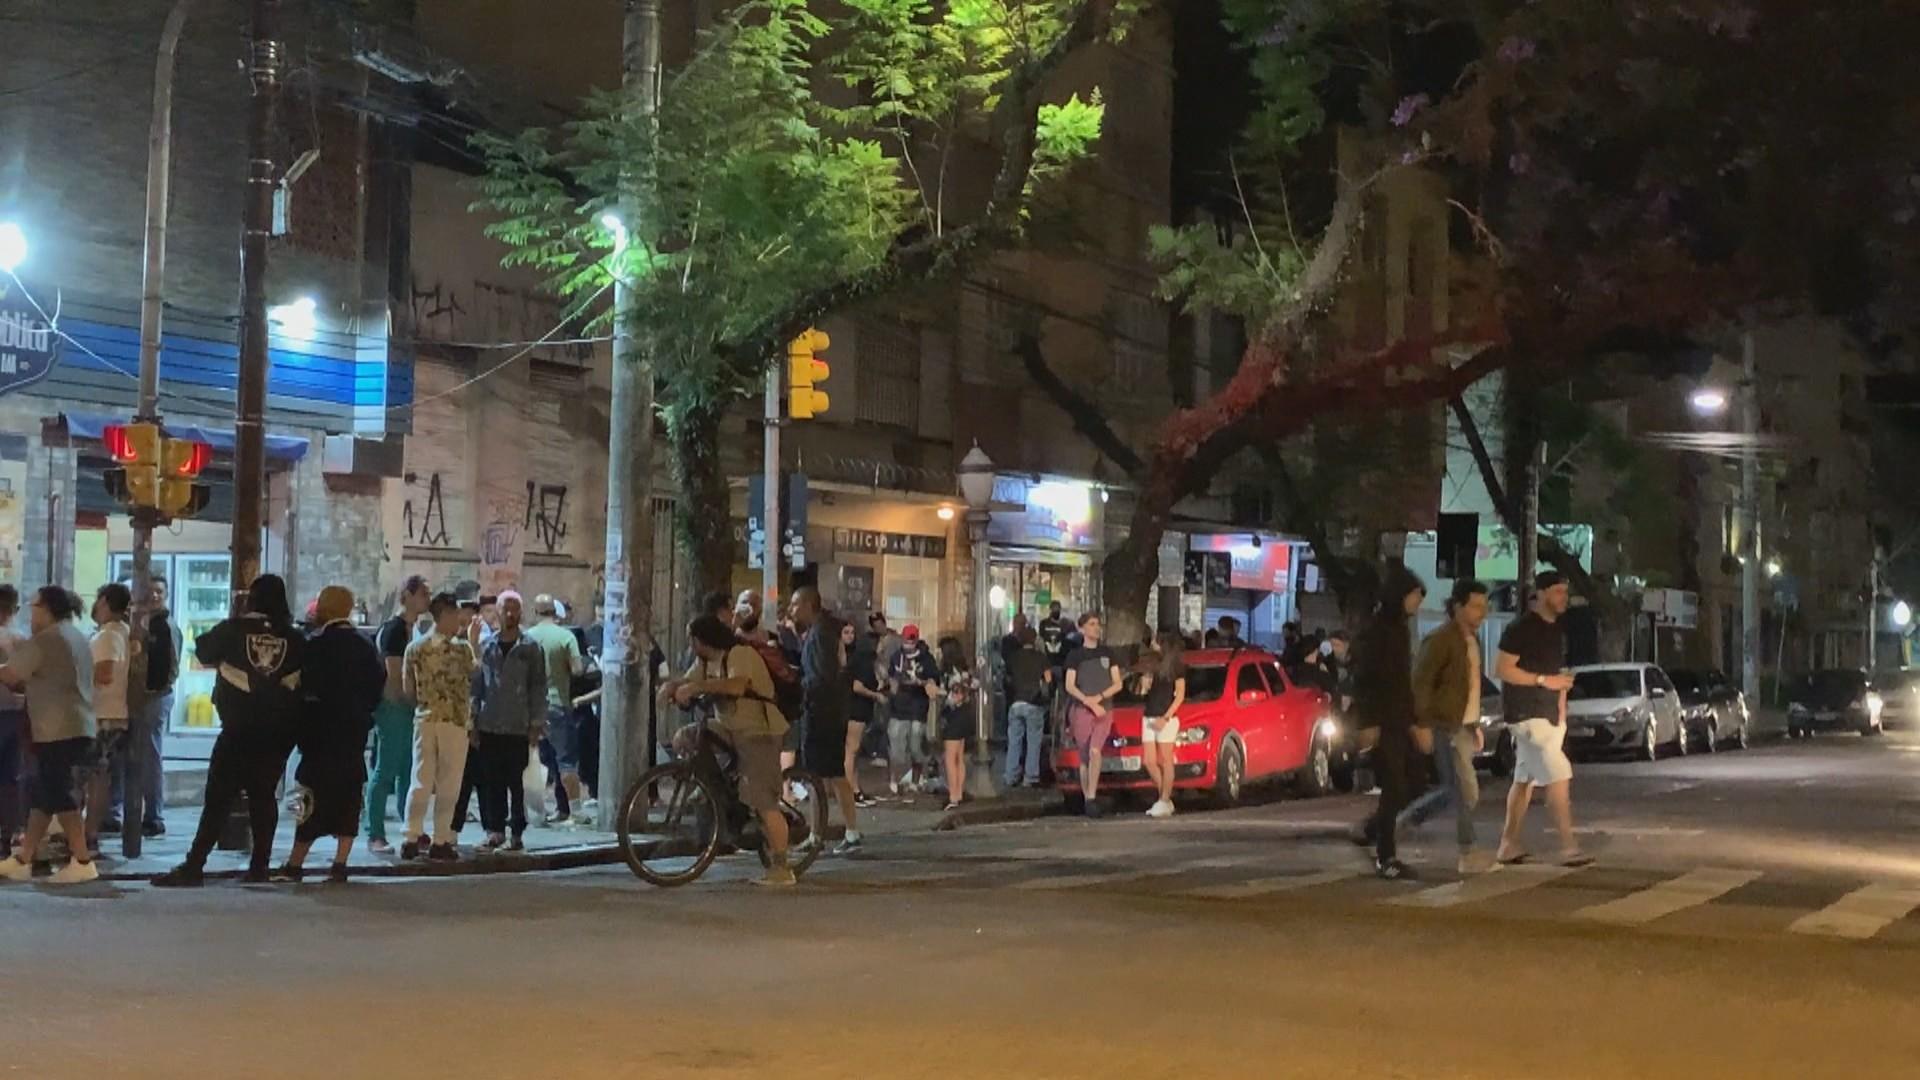 Guarda Municipal dispersa aglomerações em diversos pontos de Porto Alegre